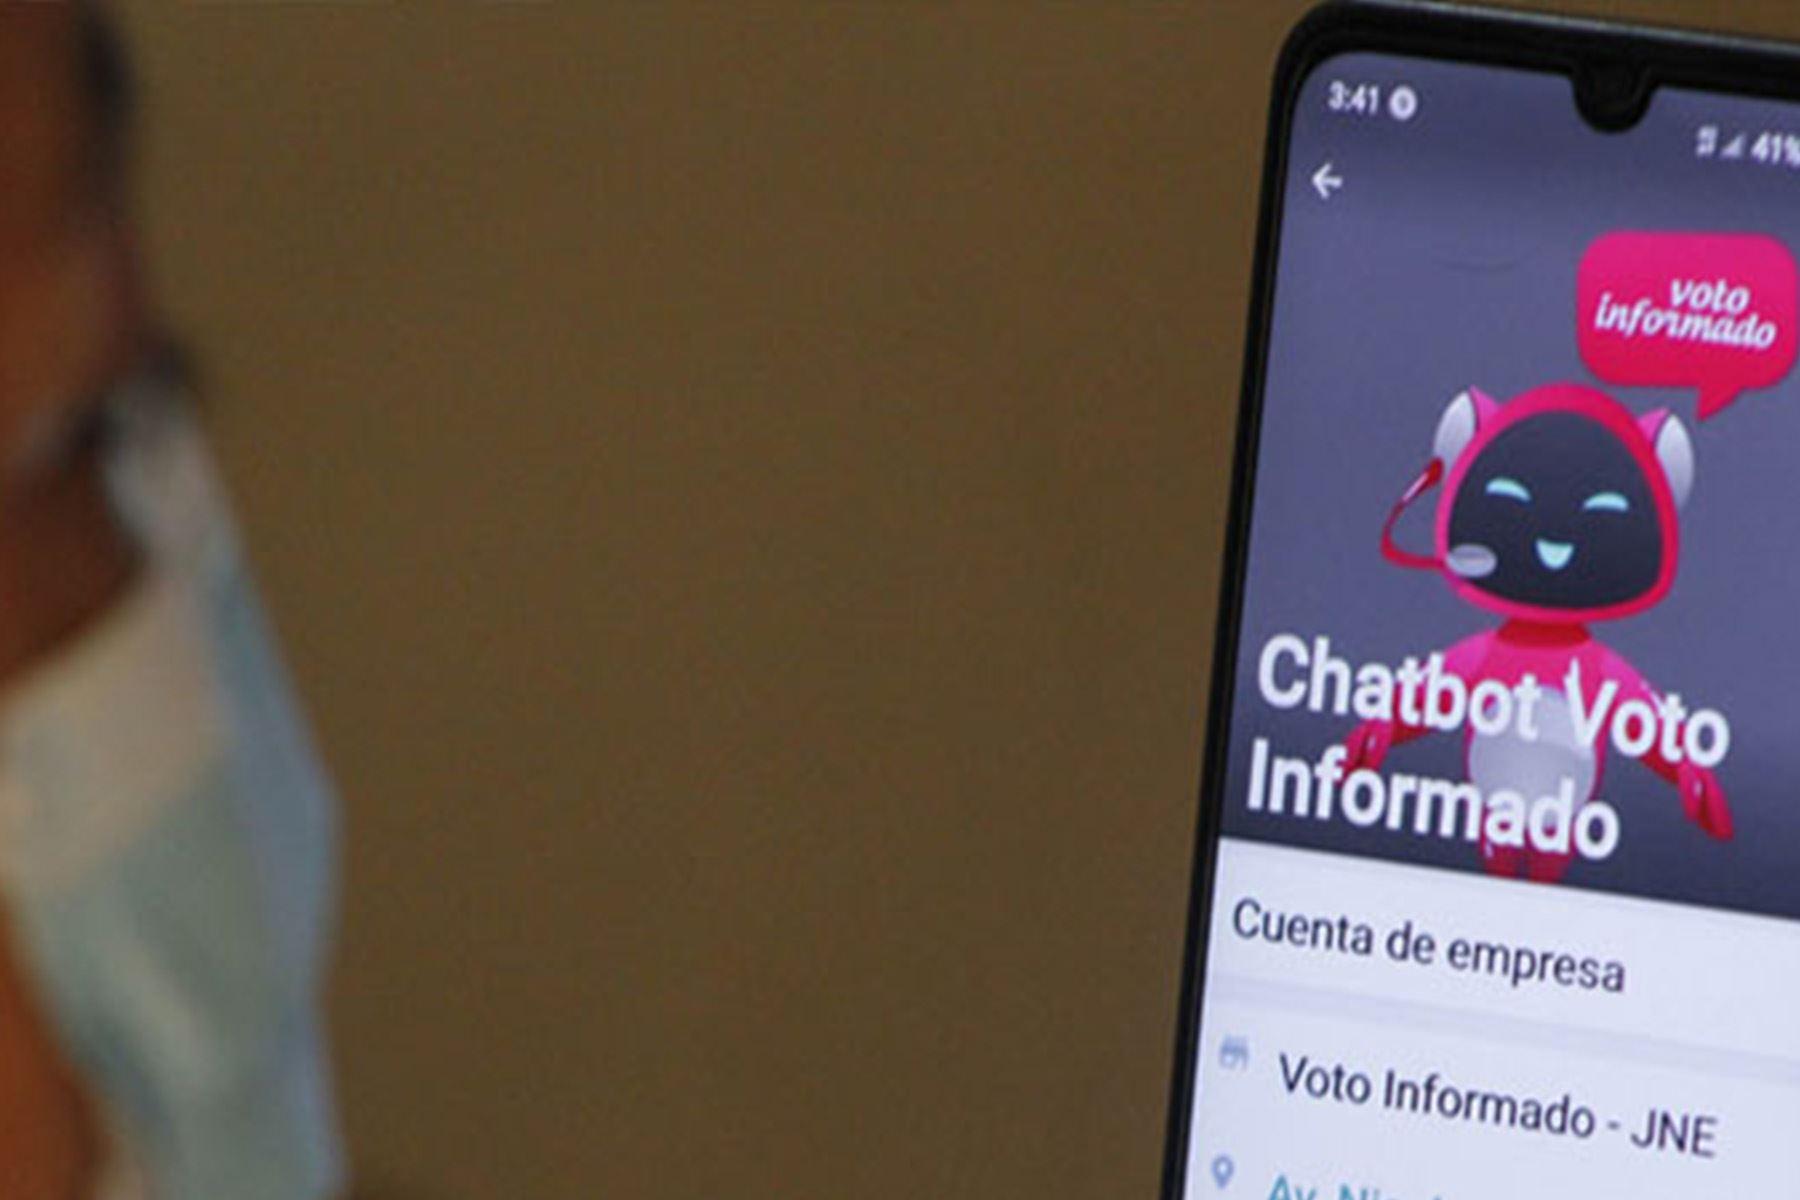 Herramienta podrá ser utilizada desde un móvil, tableta o PC.